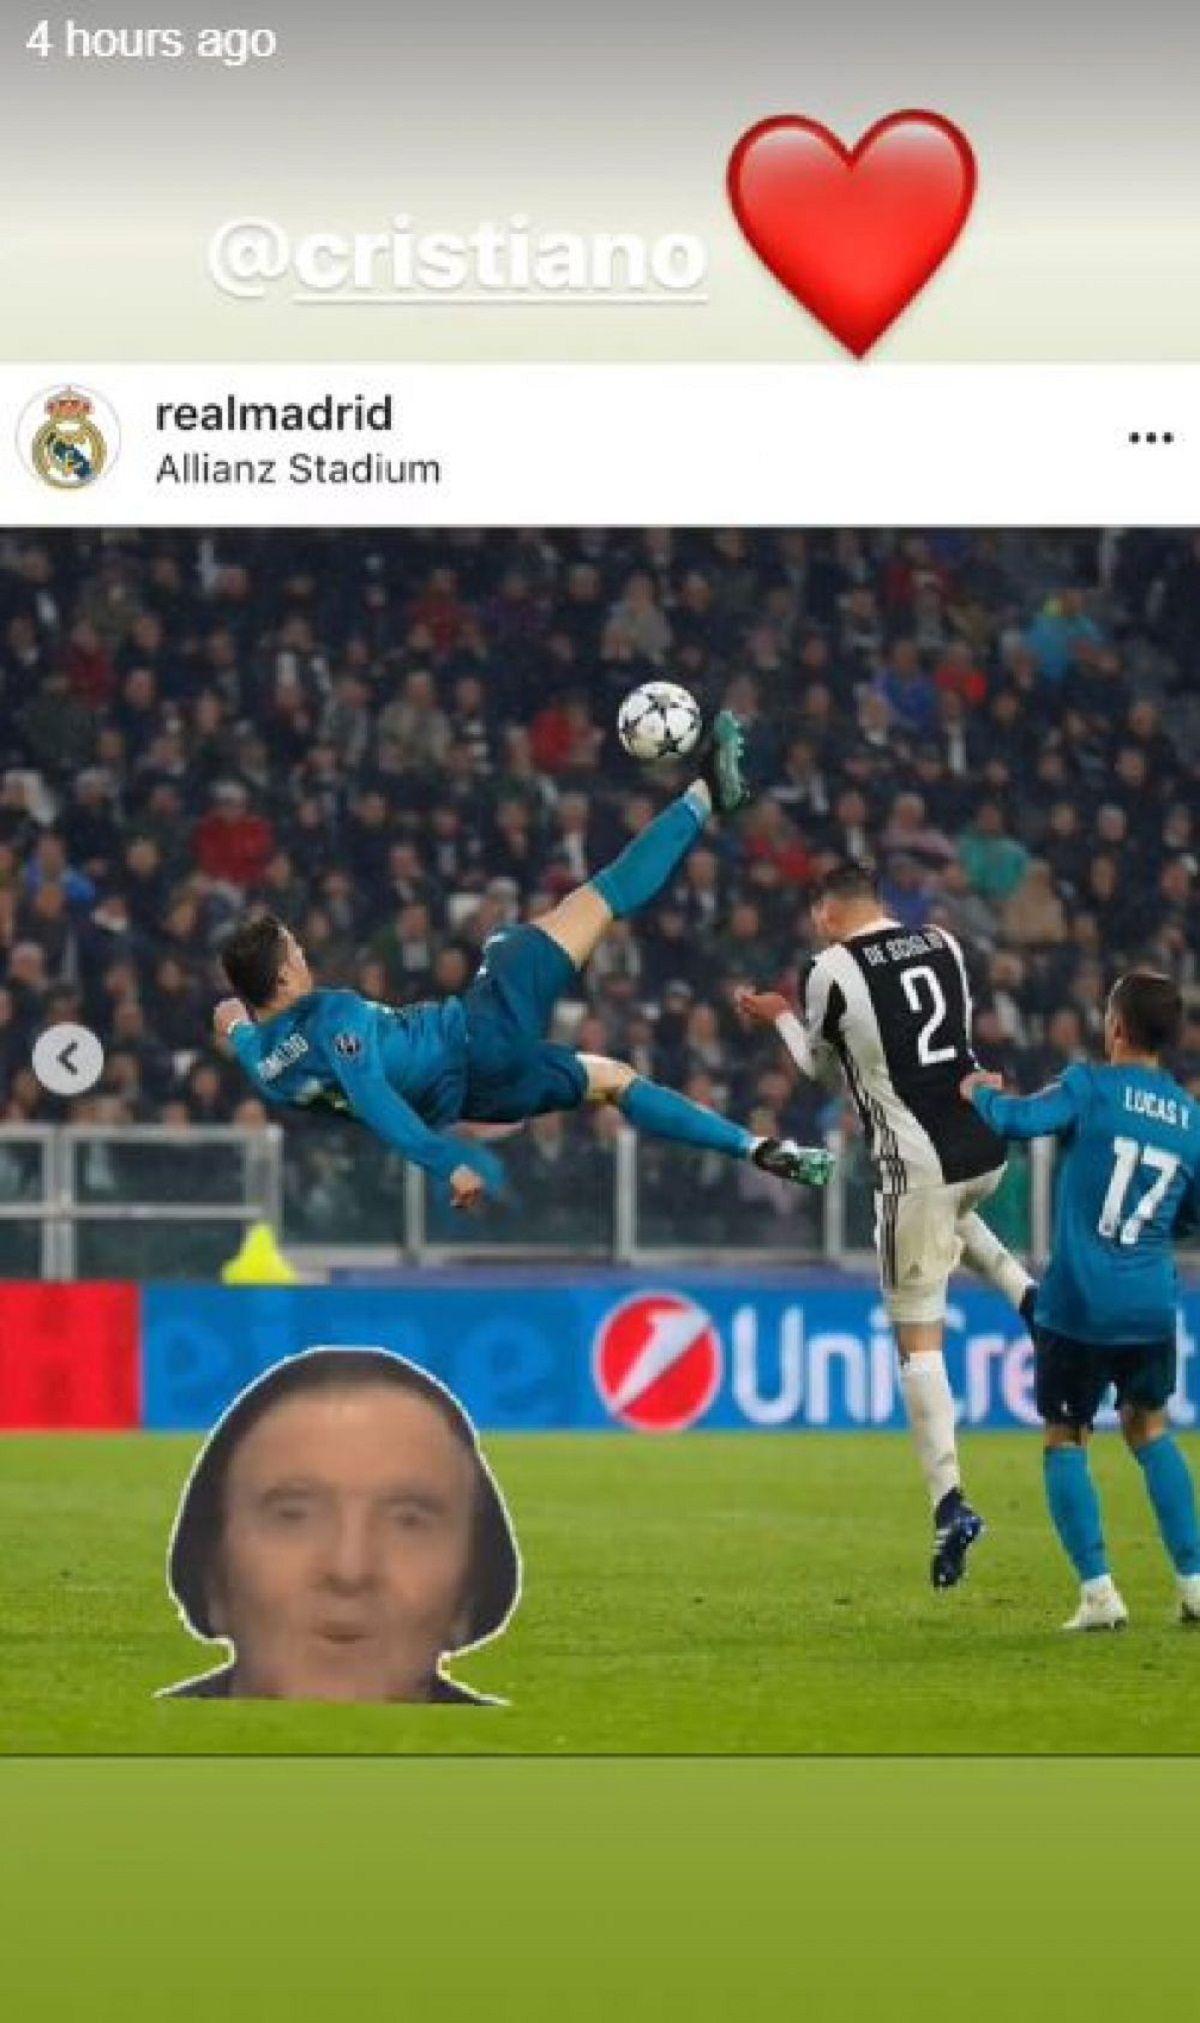 El meme de Cristiano Ronaldo en la cuenta de su novia